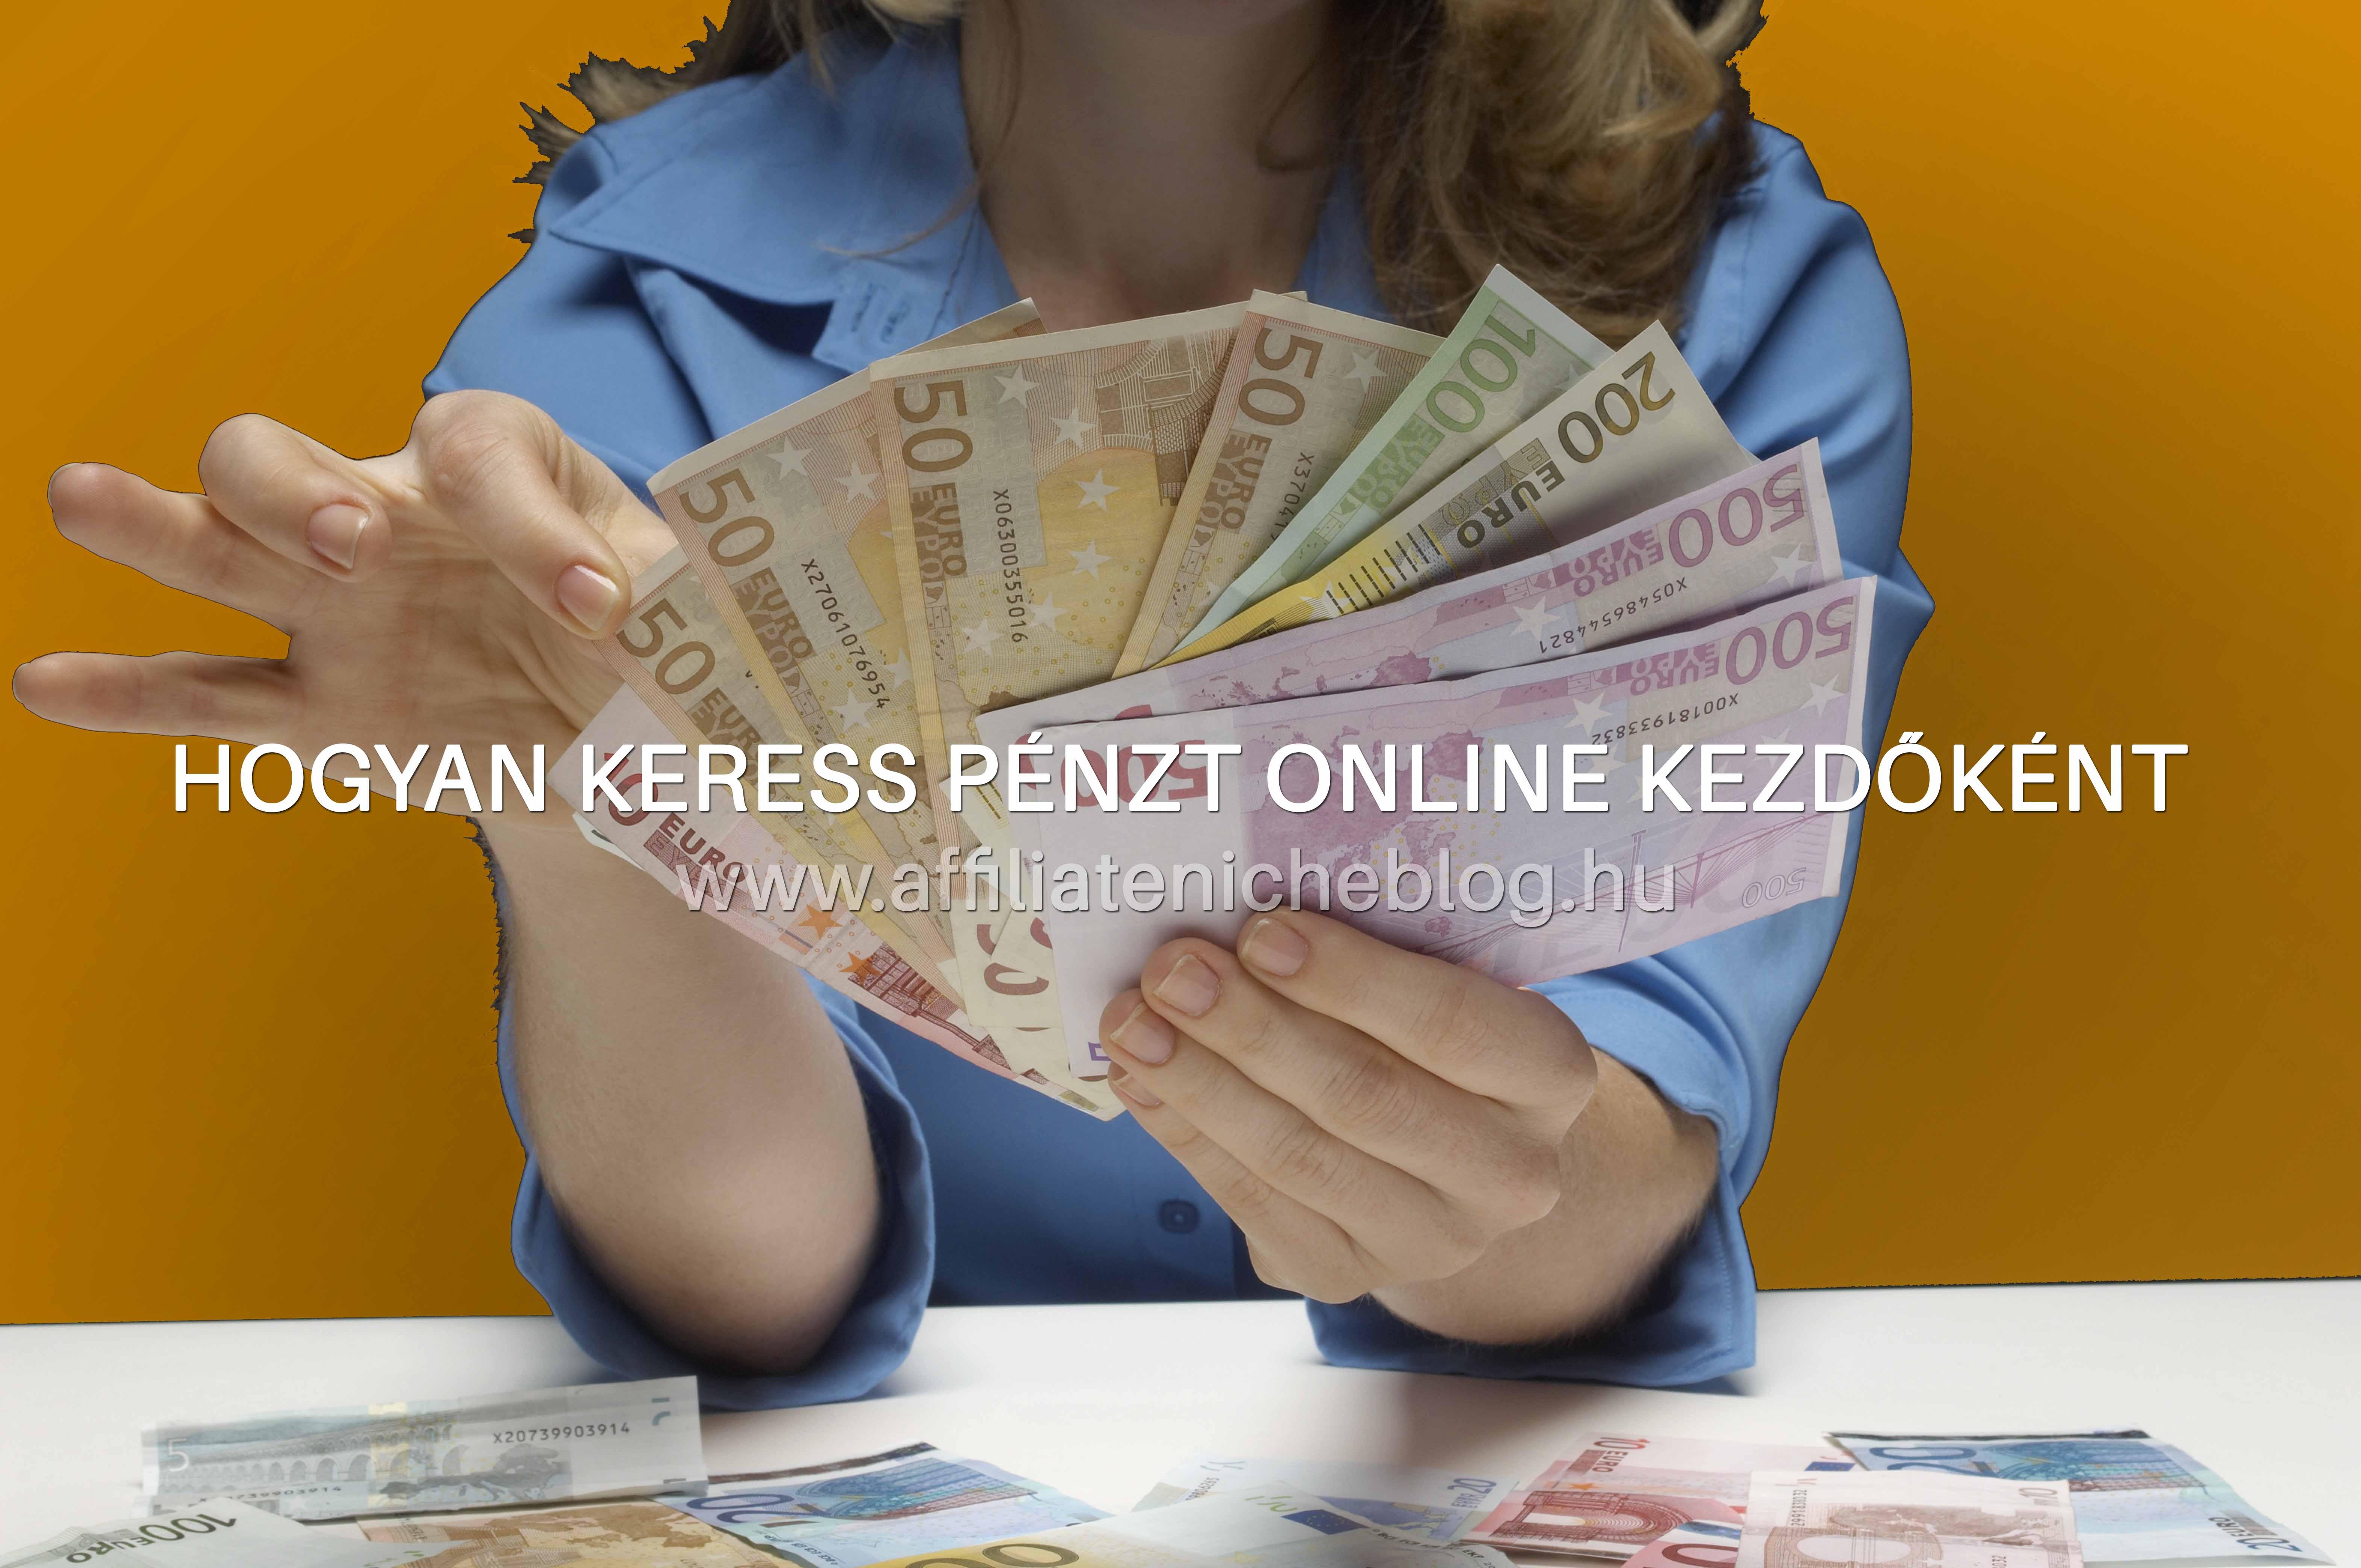 video leckék, hogyan lehet pénzt keresni az interneten)